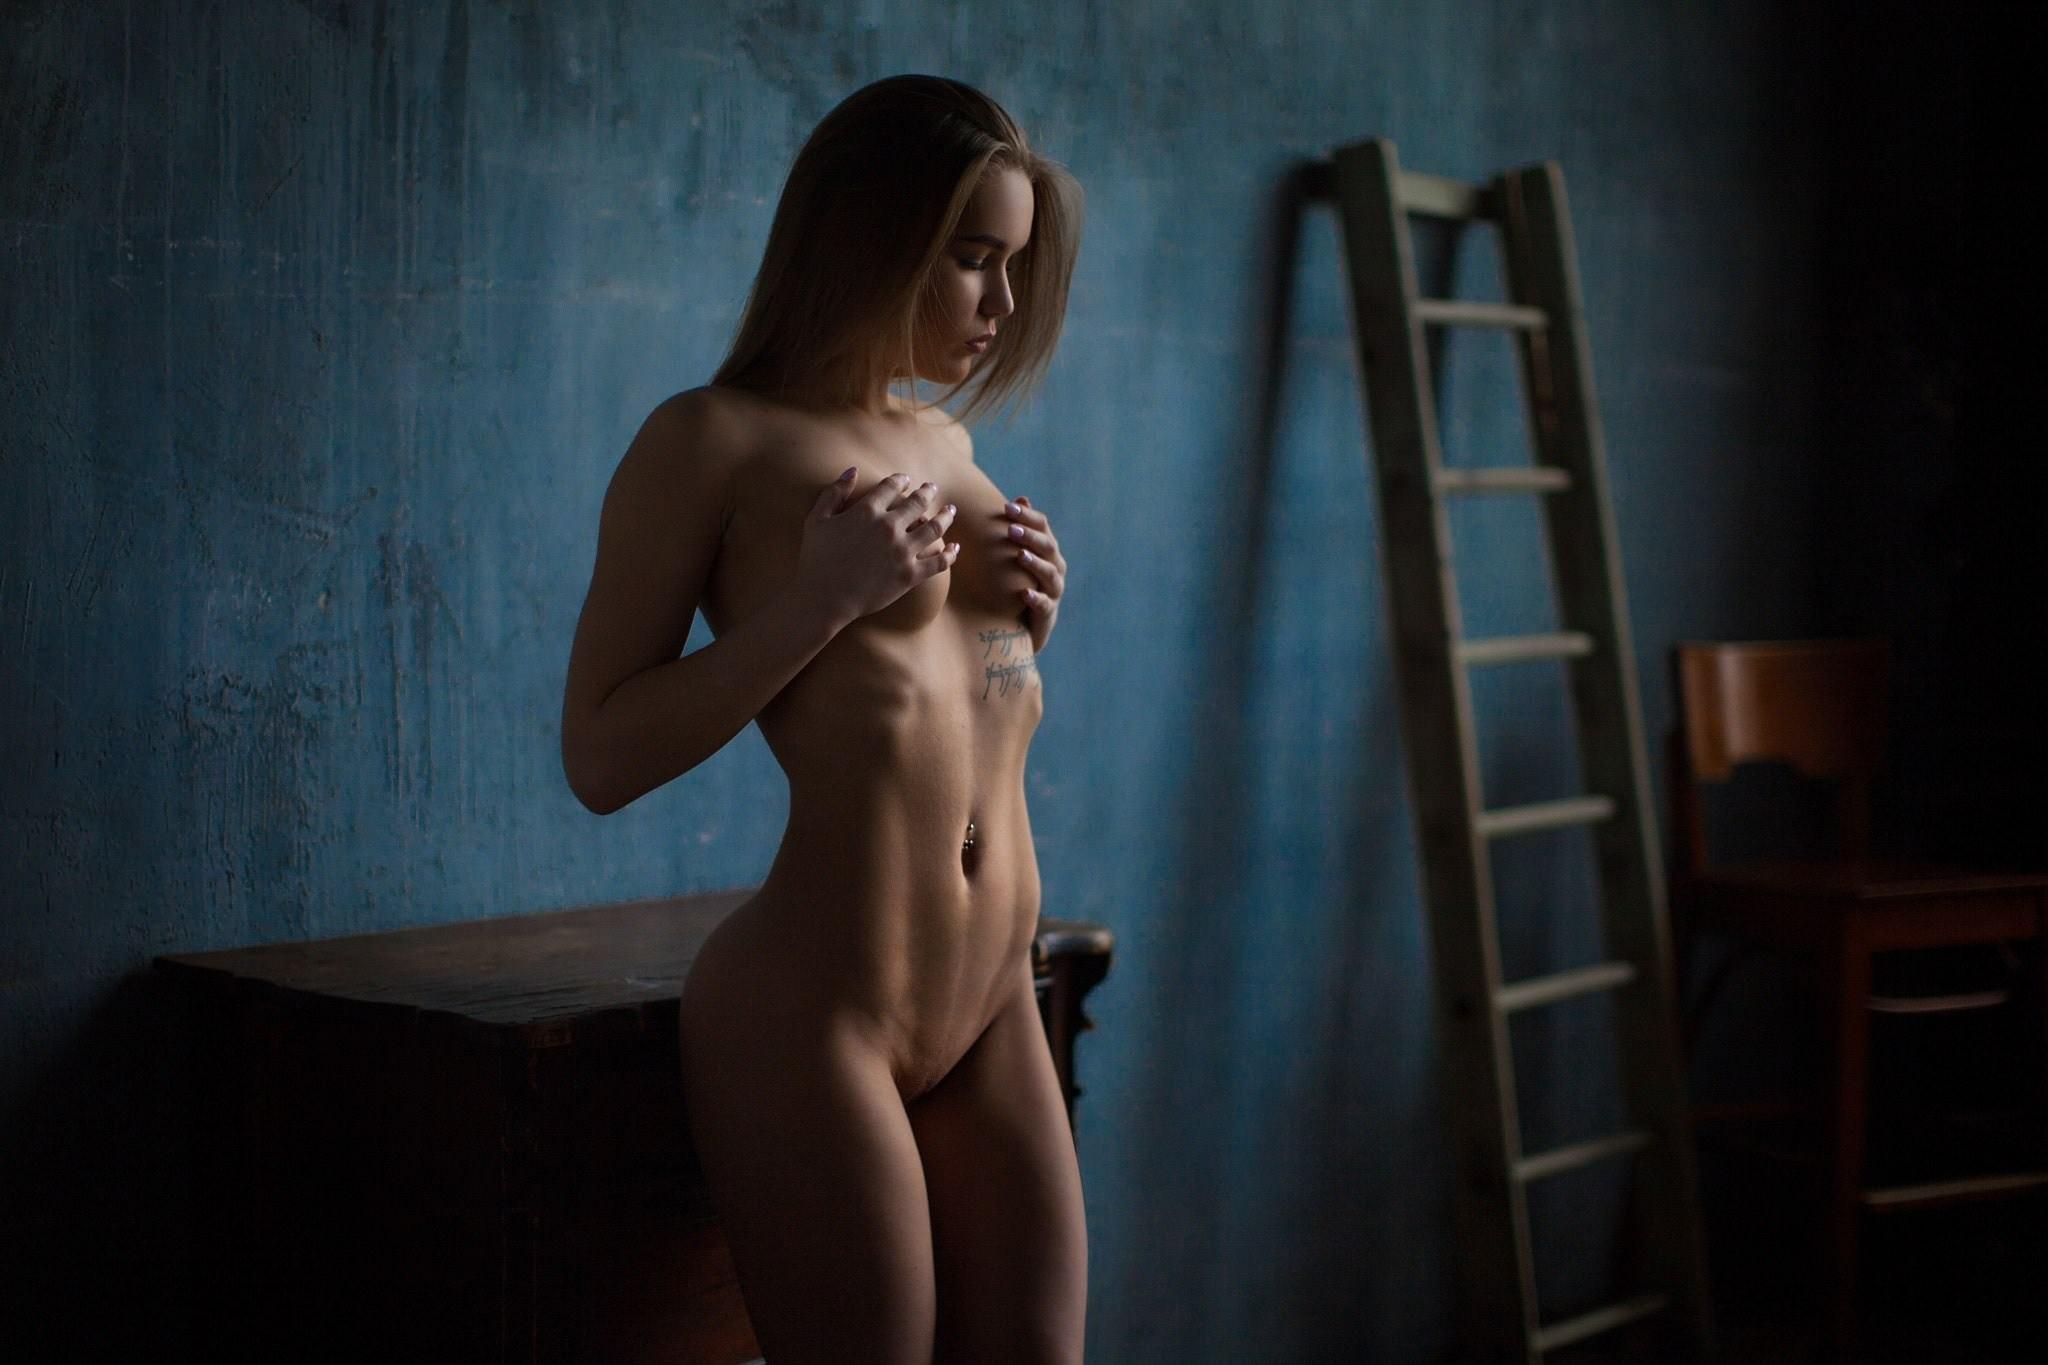 Фото Голая девушка прижалась попой к тумбе, сжимает грудь, сексуальное тело, пупок, животик, бедра, секси, лестница, скачать картинку бесплатно